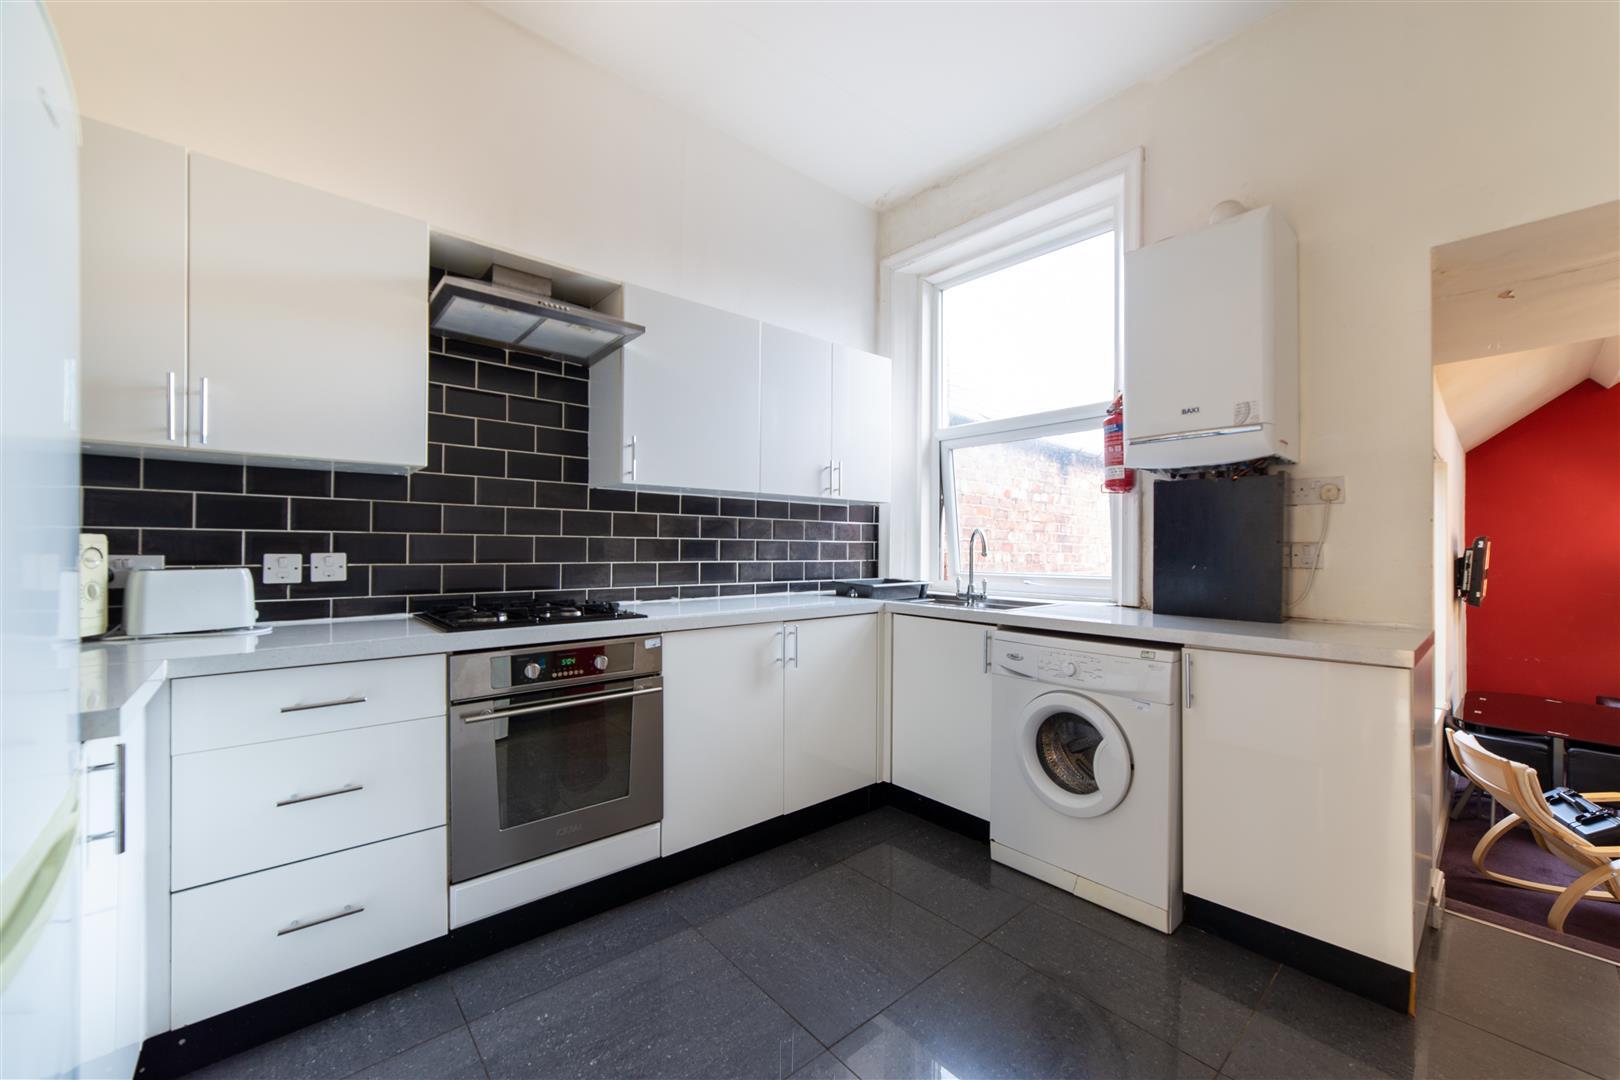 5 bed maisonette to rent in Newcastle Upon Tyne, NE6 5HL, NE6